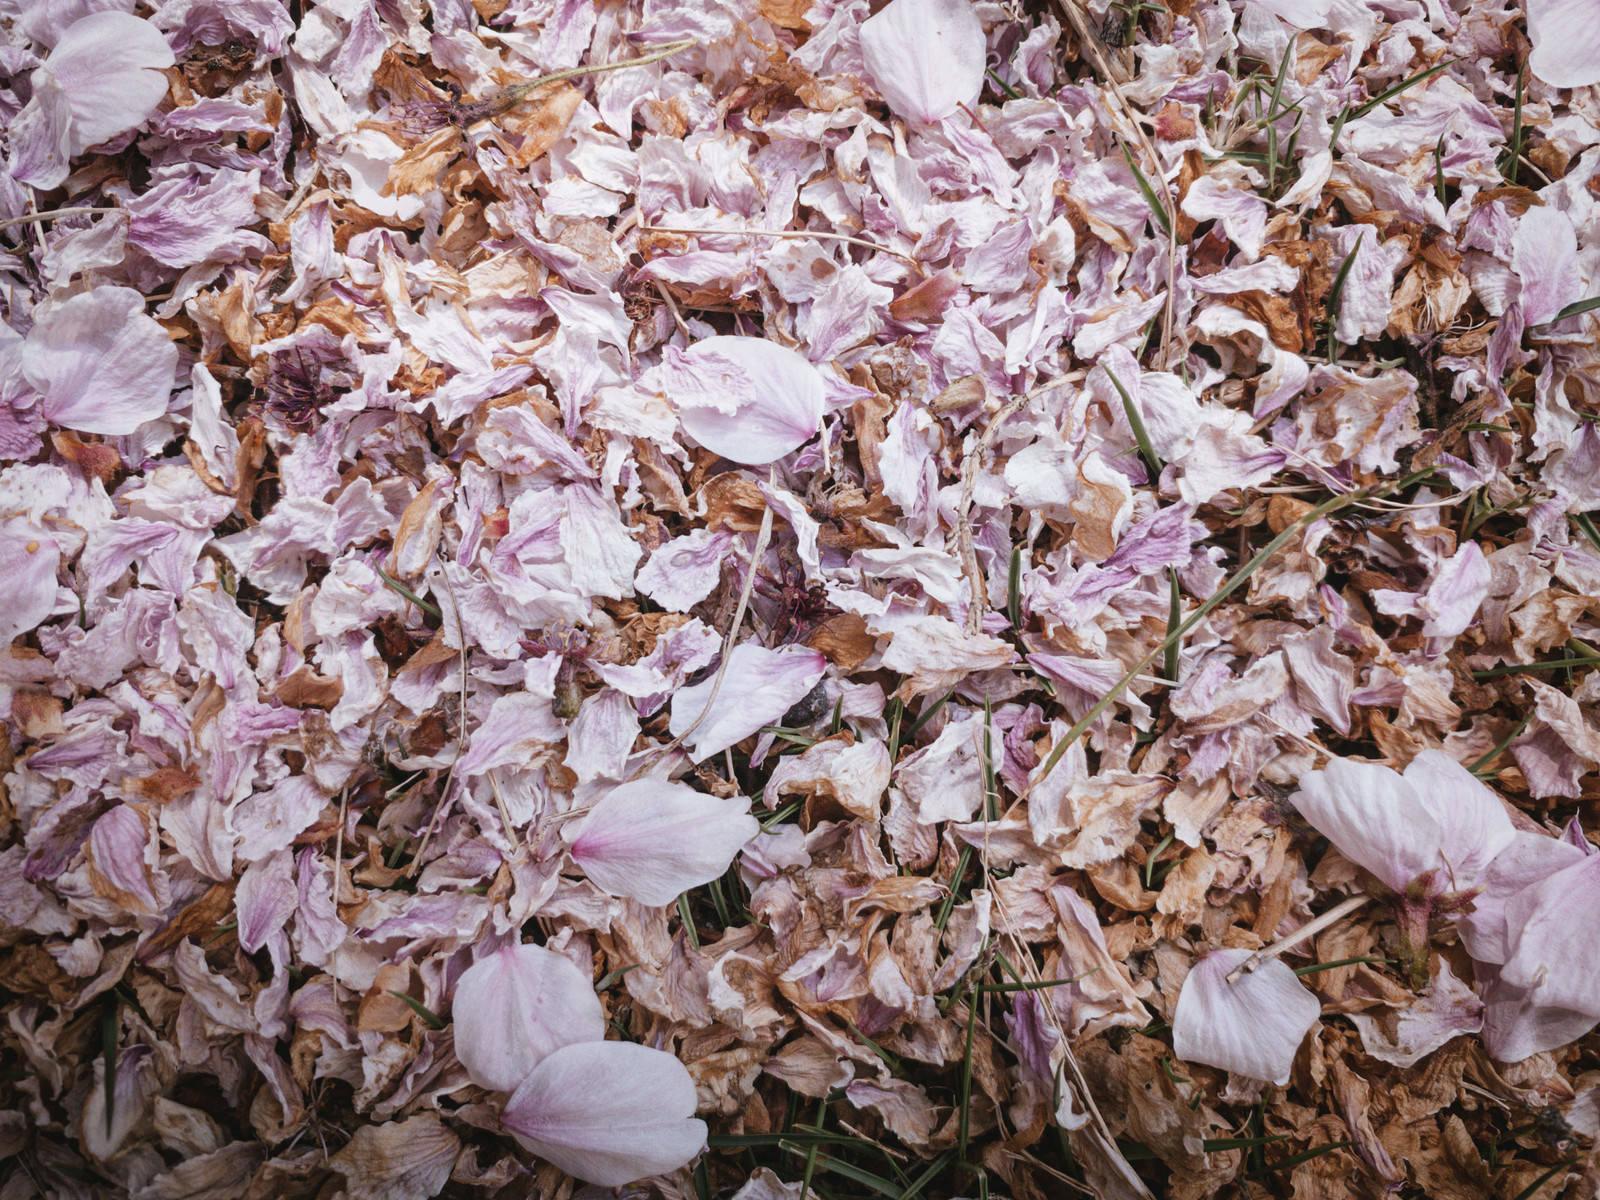 「枯れた桜の花びら」の写真